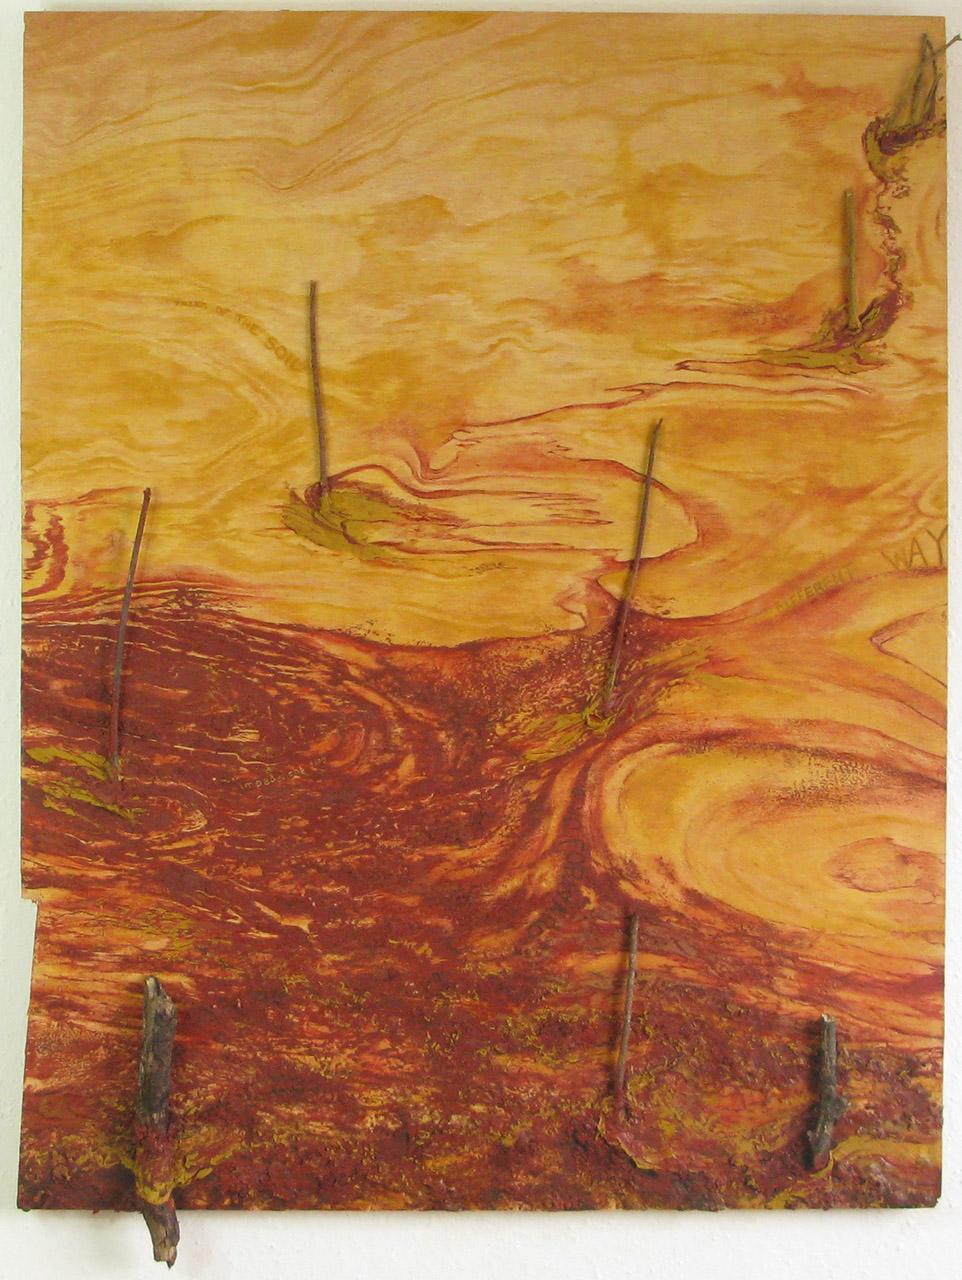 Tiller of the soil.Oxborrow